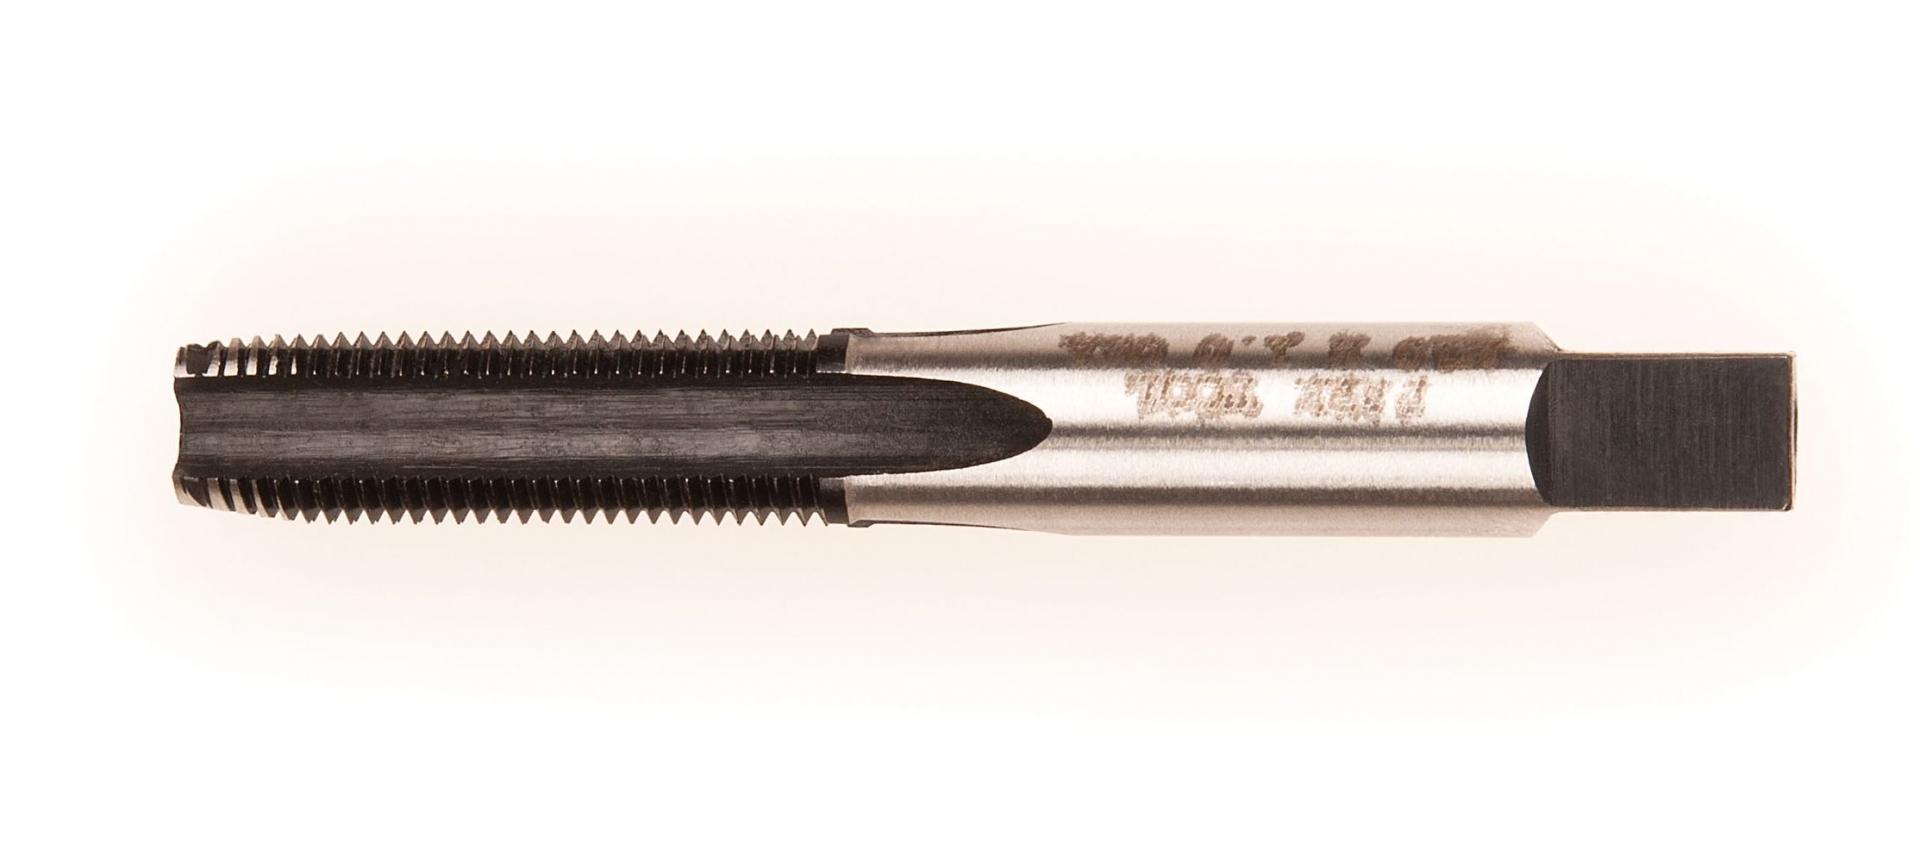 Taraud Park Tool patte dérailleur 10 mm x 1 - TAP-10